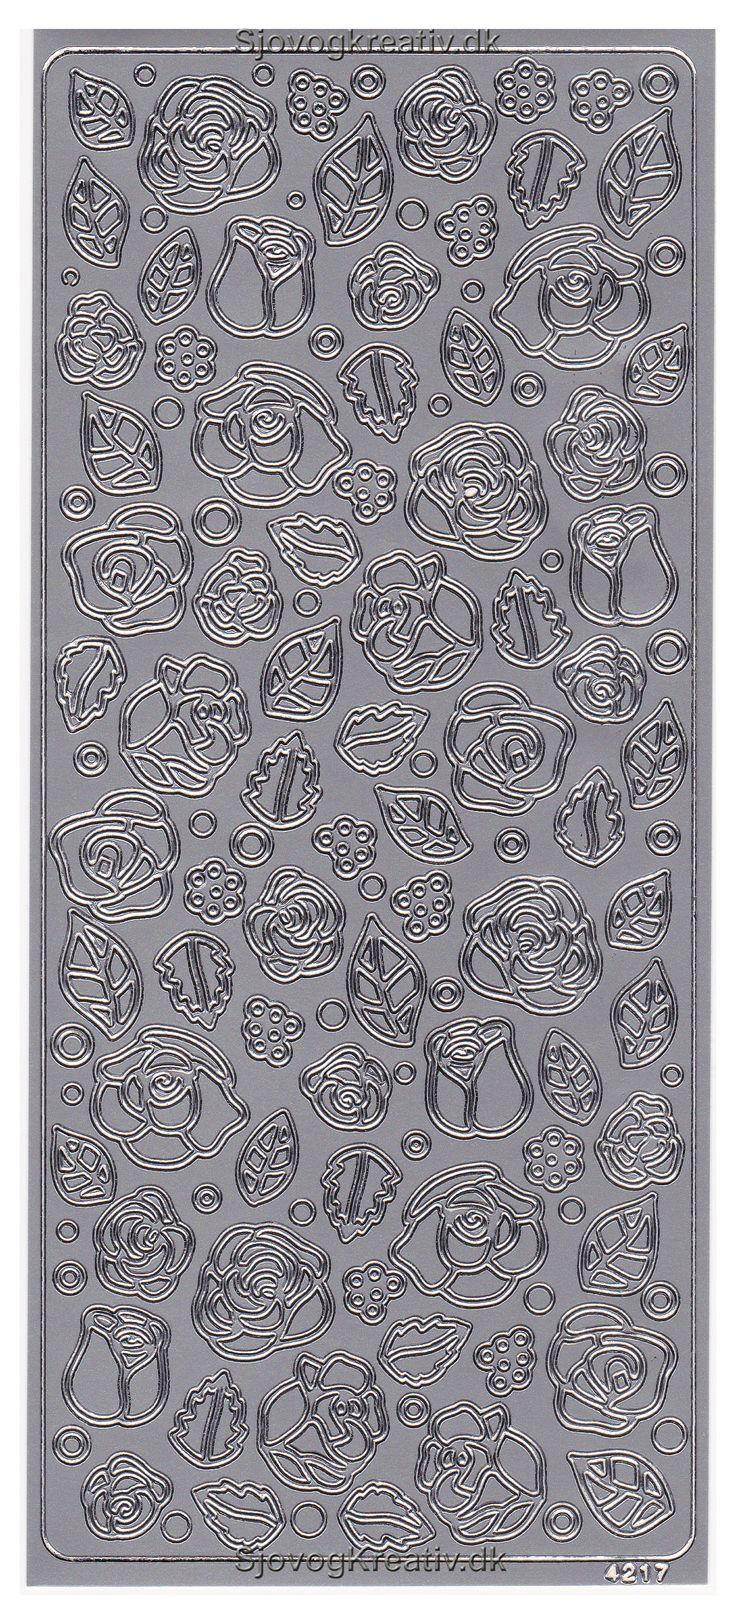 Sølv stickers med små blade og blomster til pynt på kort og indbydelser til festen fra sjovogkreativ.dk